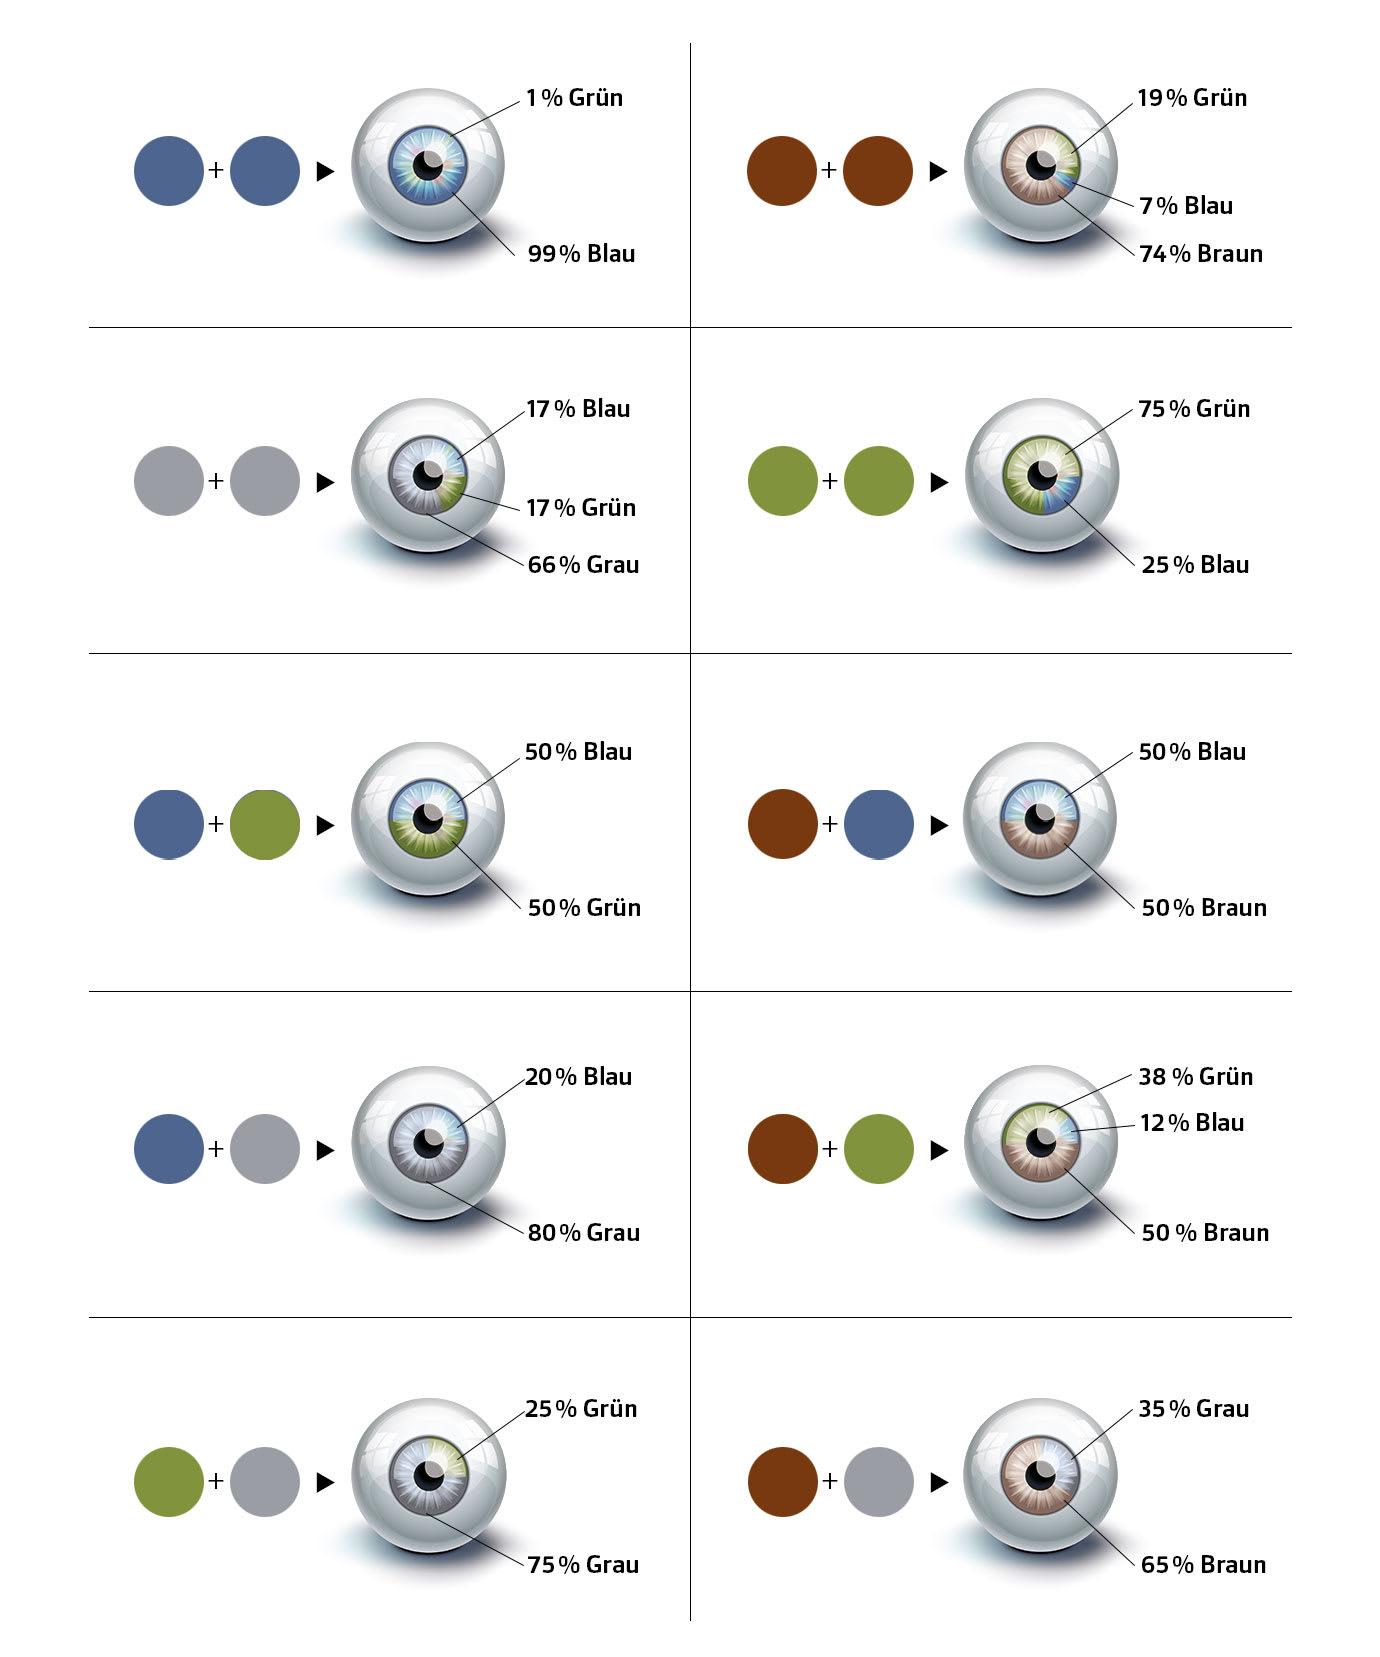 D-Infoggrafik Augenfarben